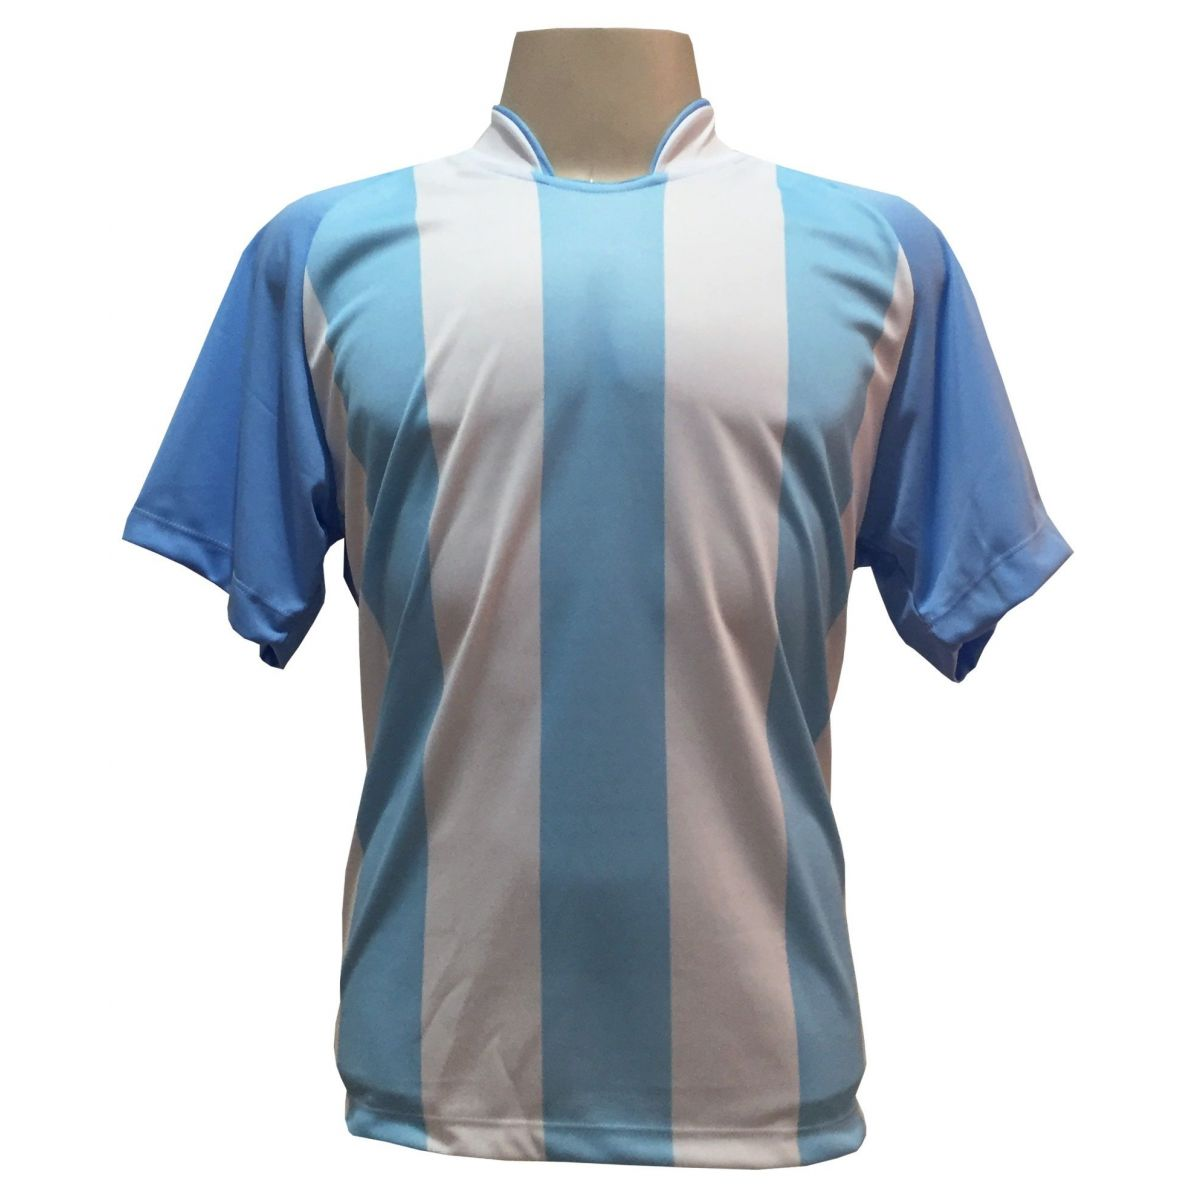 Uniforme Esportivo com 20 camisas modelo Milan Celeste/Branco + 20 calções modelo Copa Preto/Branco + Brindes